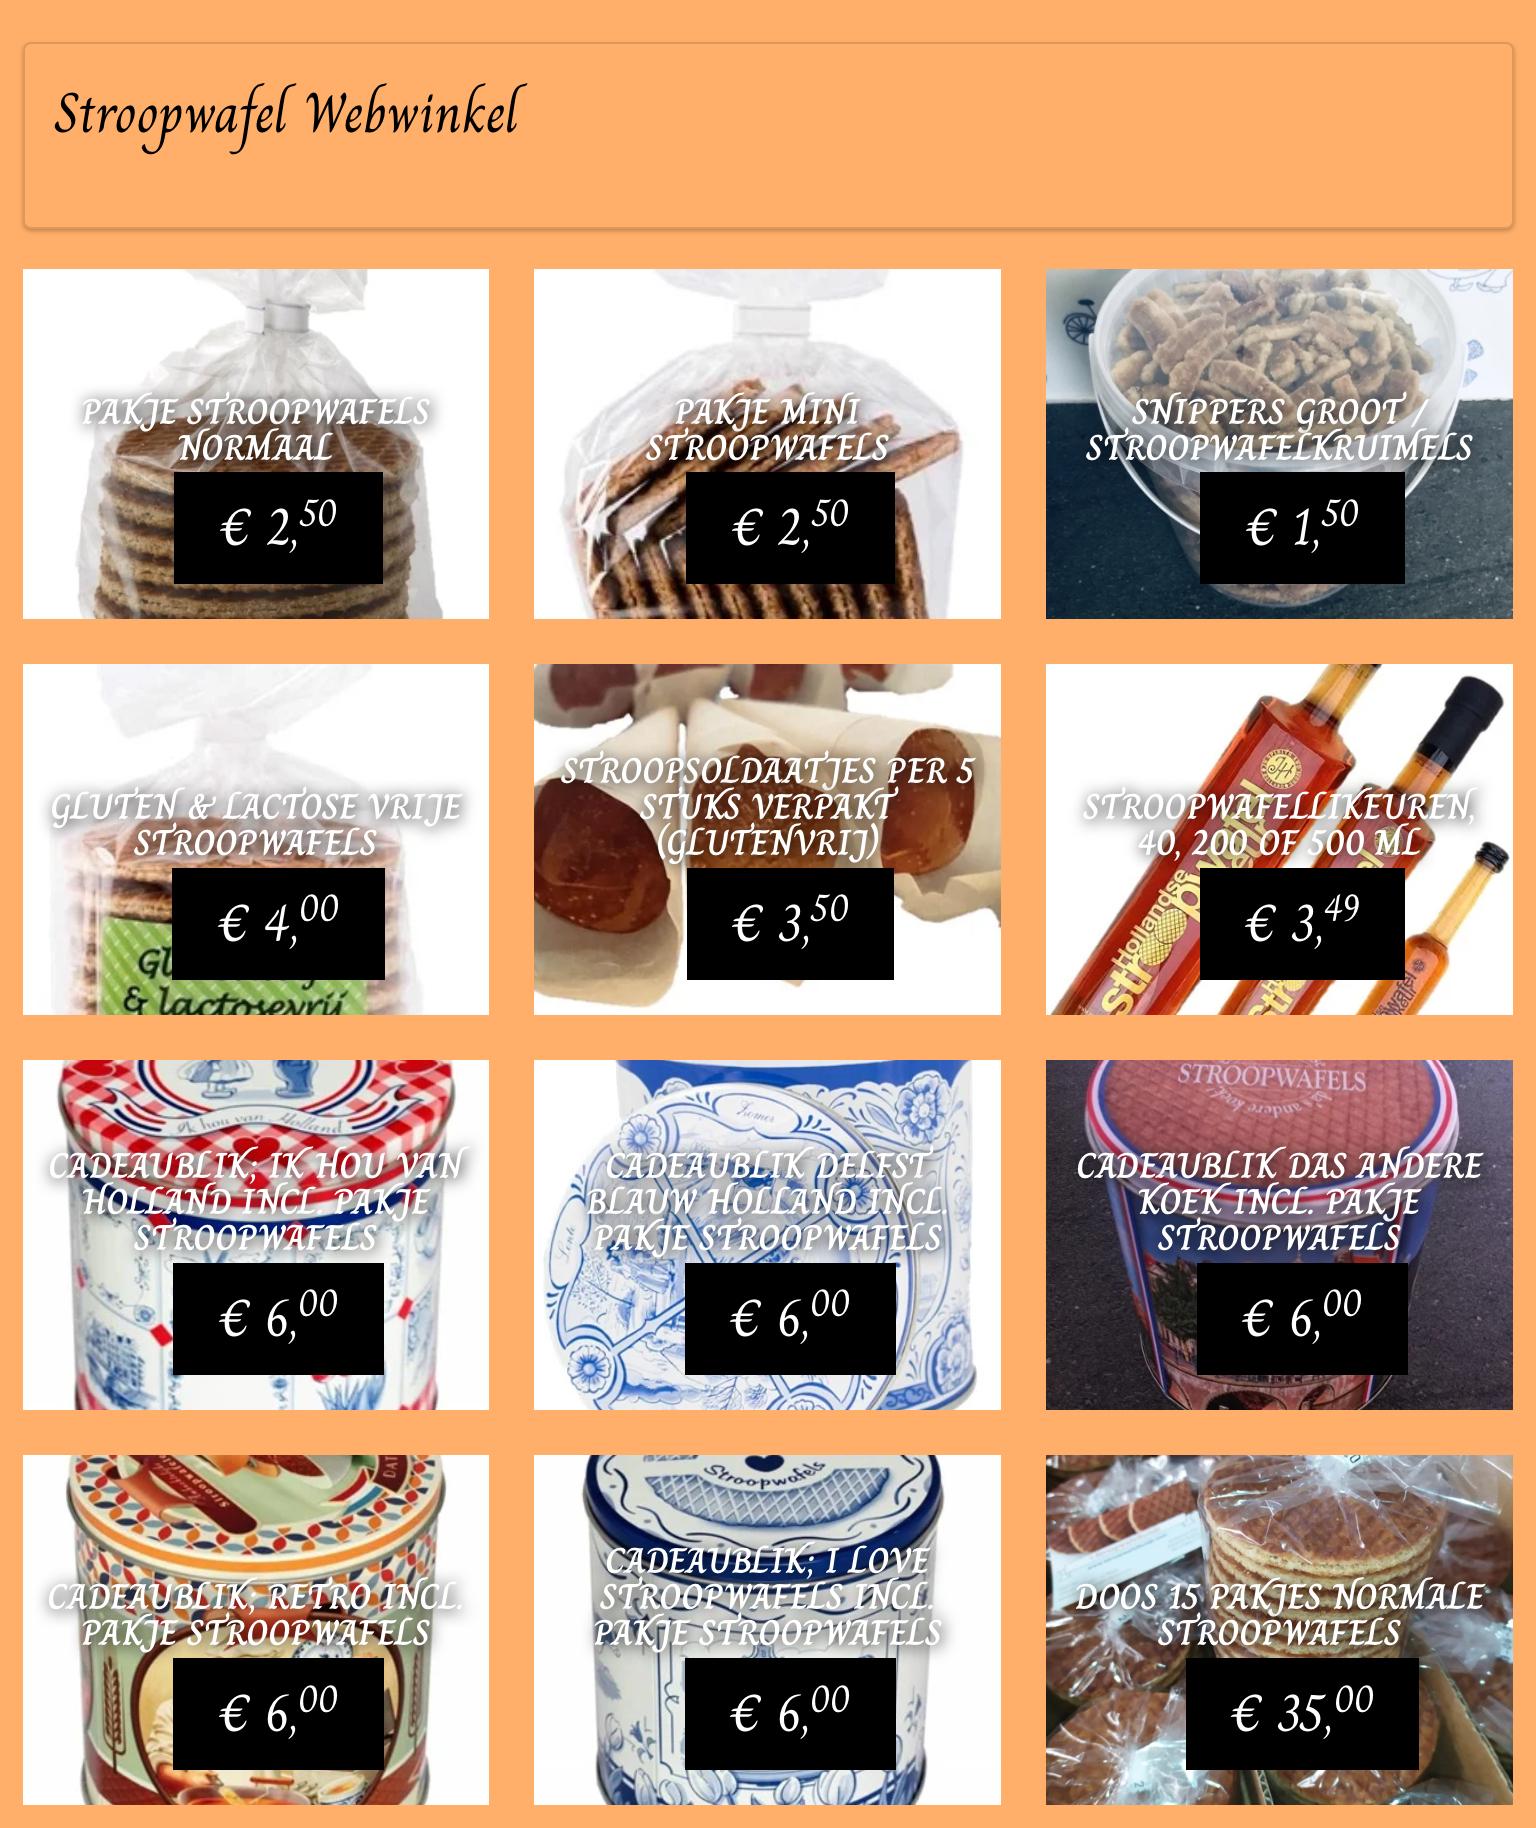 Stroopwafel webwinkel